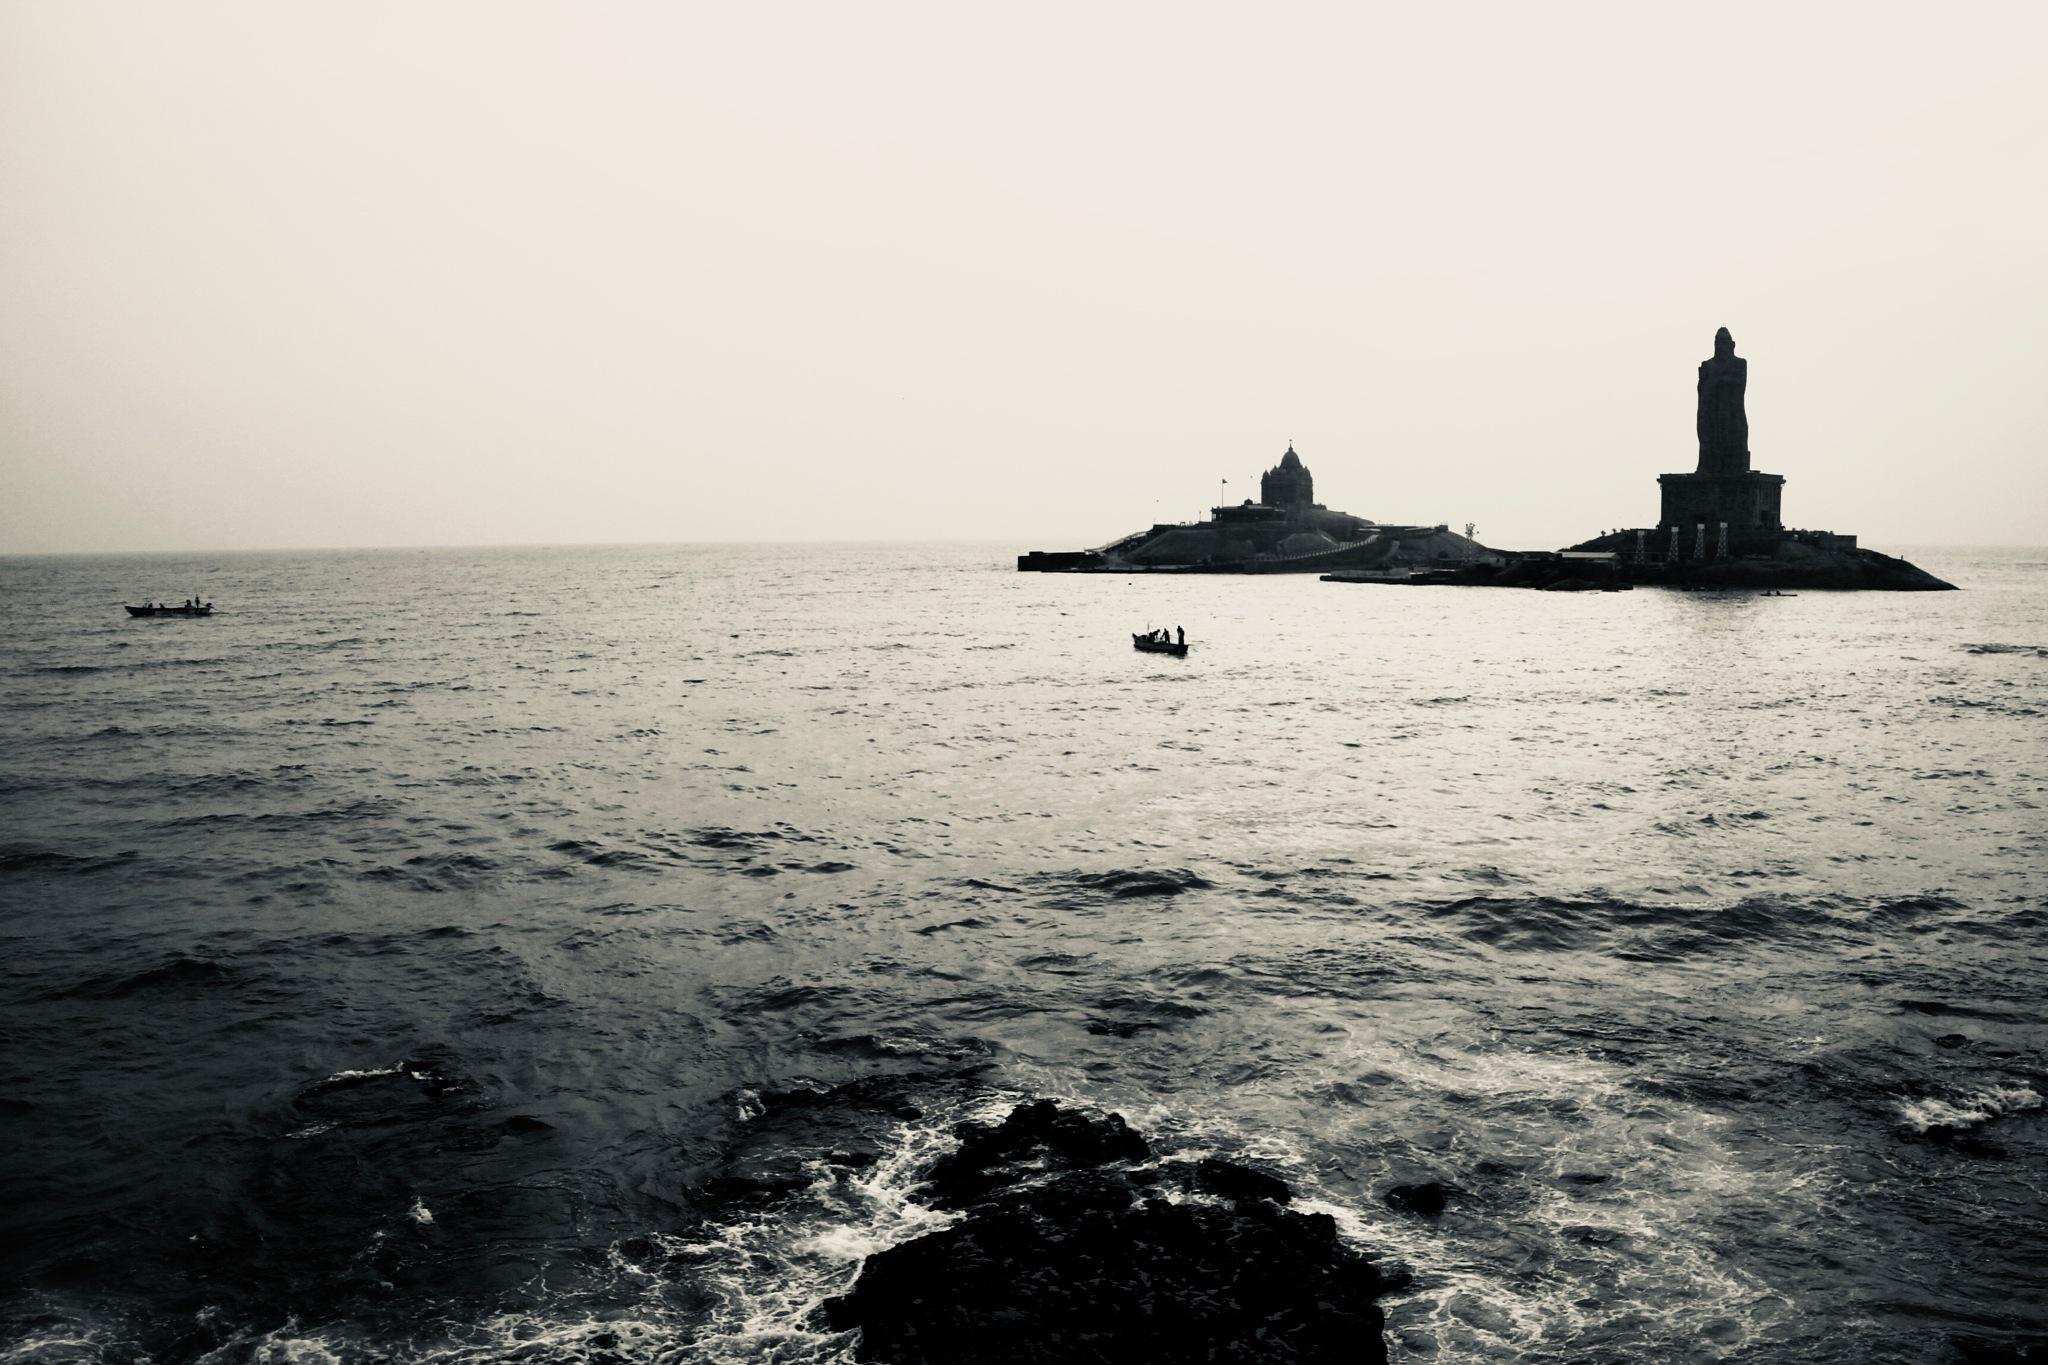 Afternoon at the Cape by Krishnan Vaitheeswaran